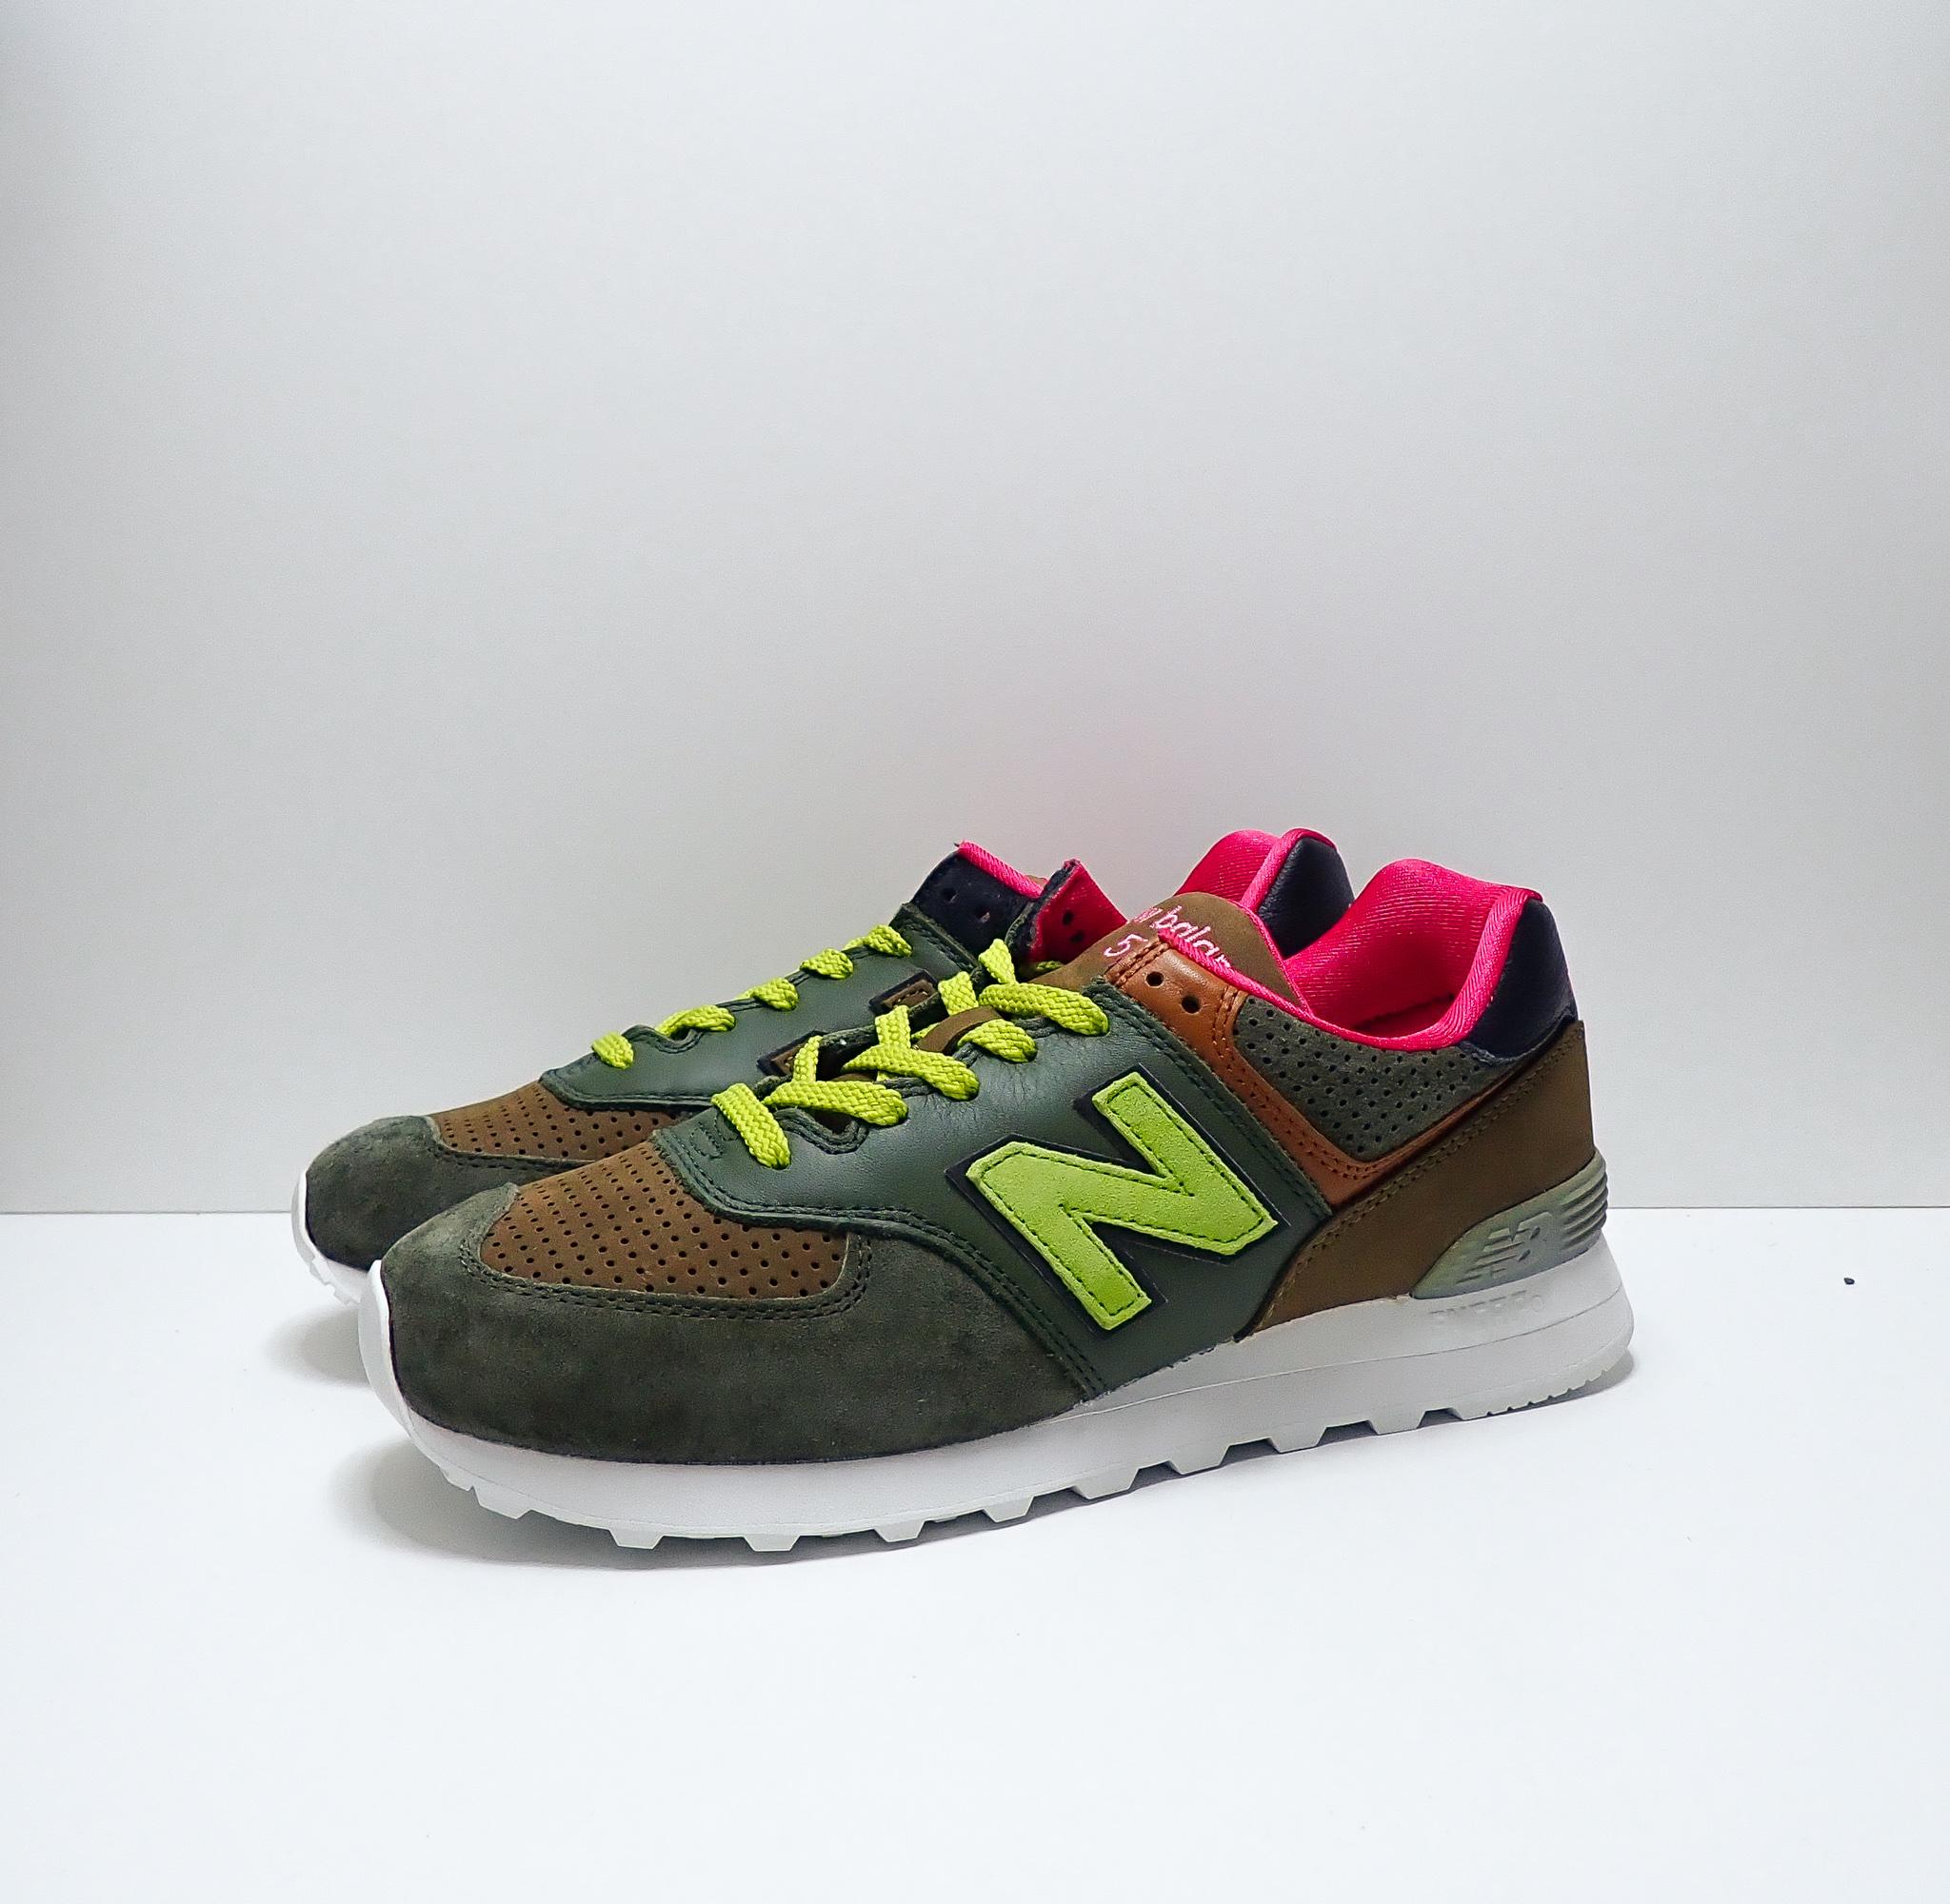 New Balance 574 Sneakersnstuff Erik